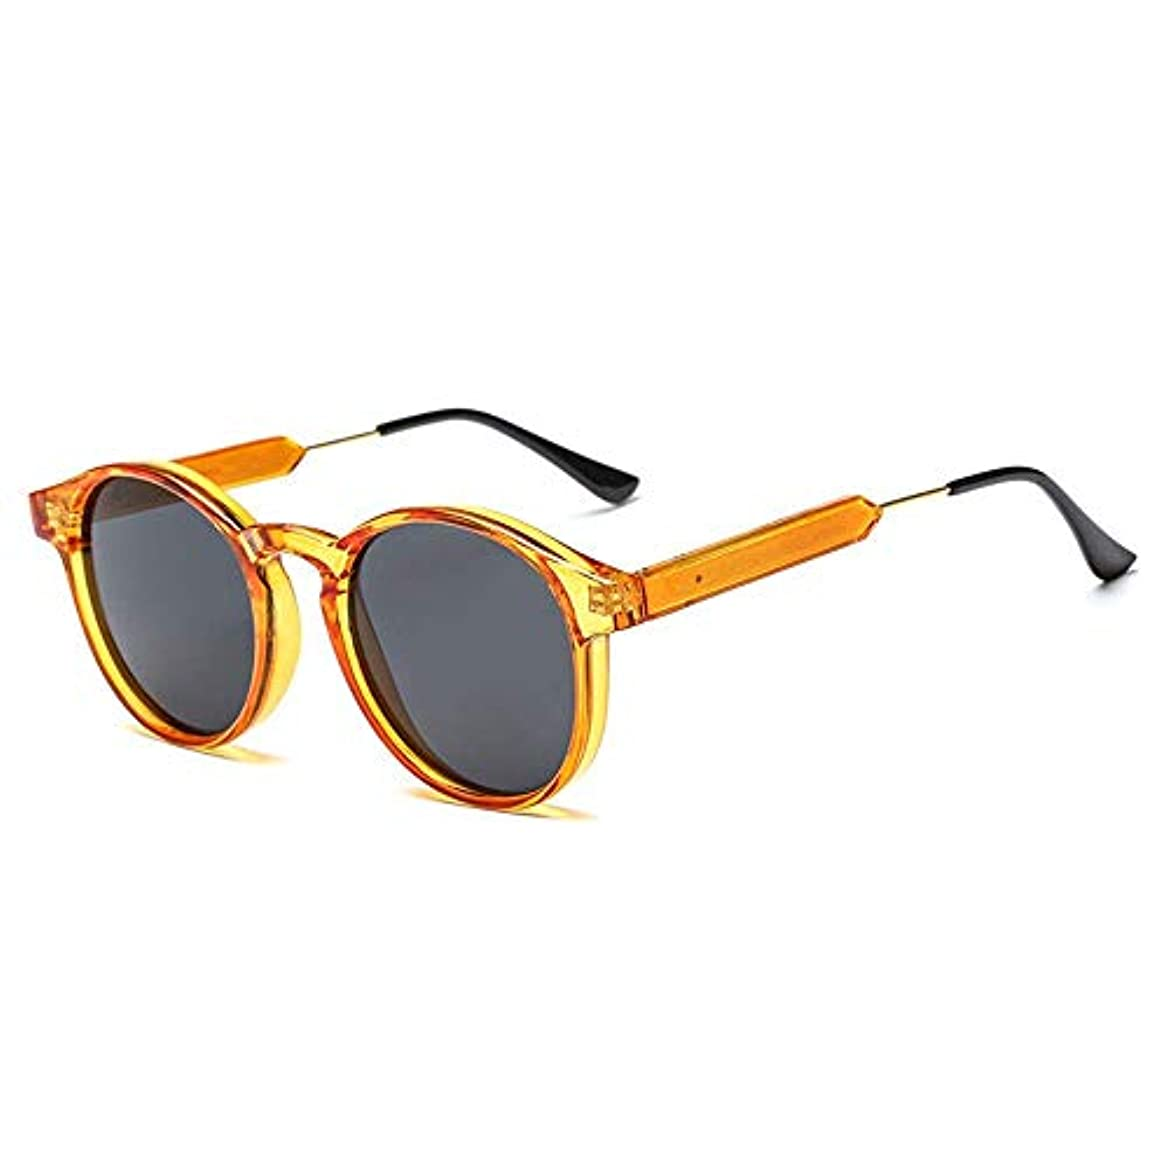 強化する現代の祝うレトロサングラス、海ラウンドサングラスオレンジにのんびりとショッピングの休暇のためにユニセックスアウトウォーキング